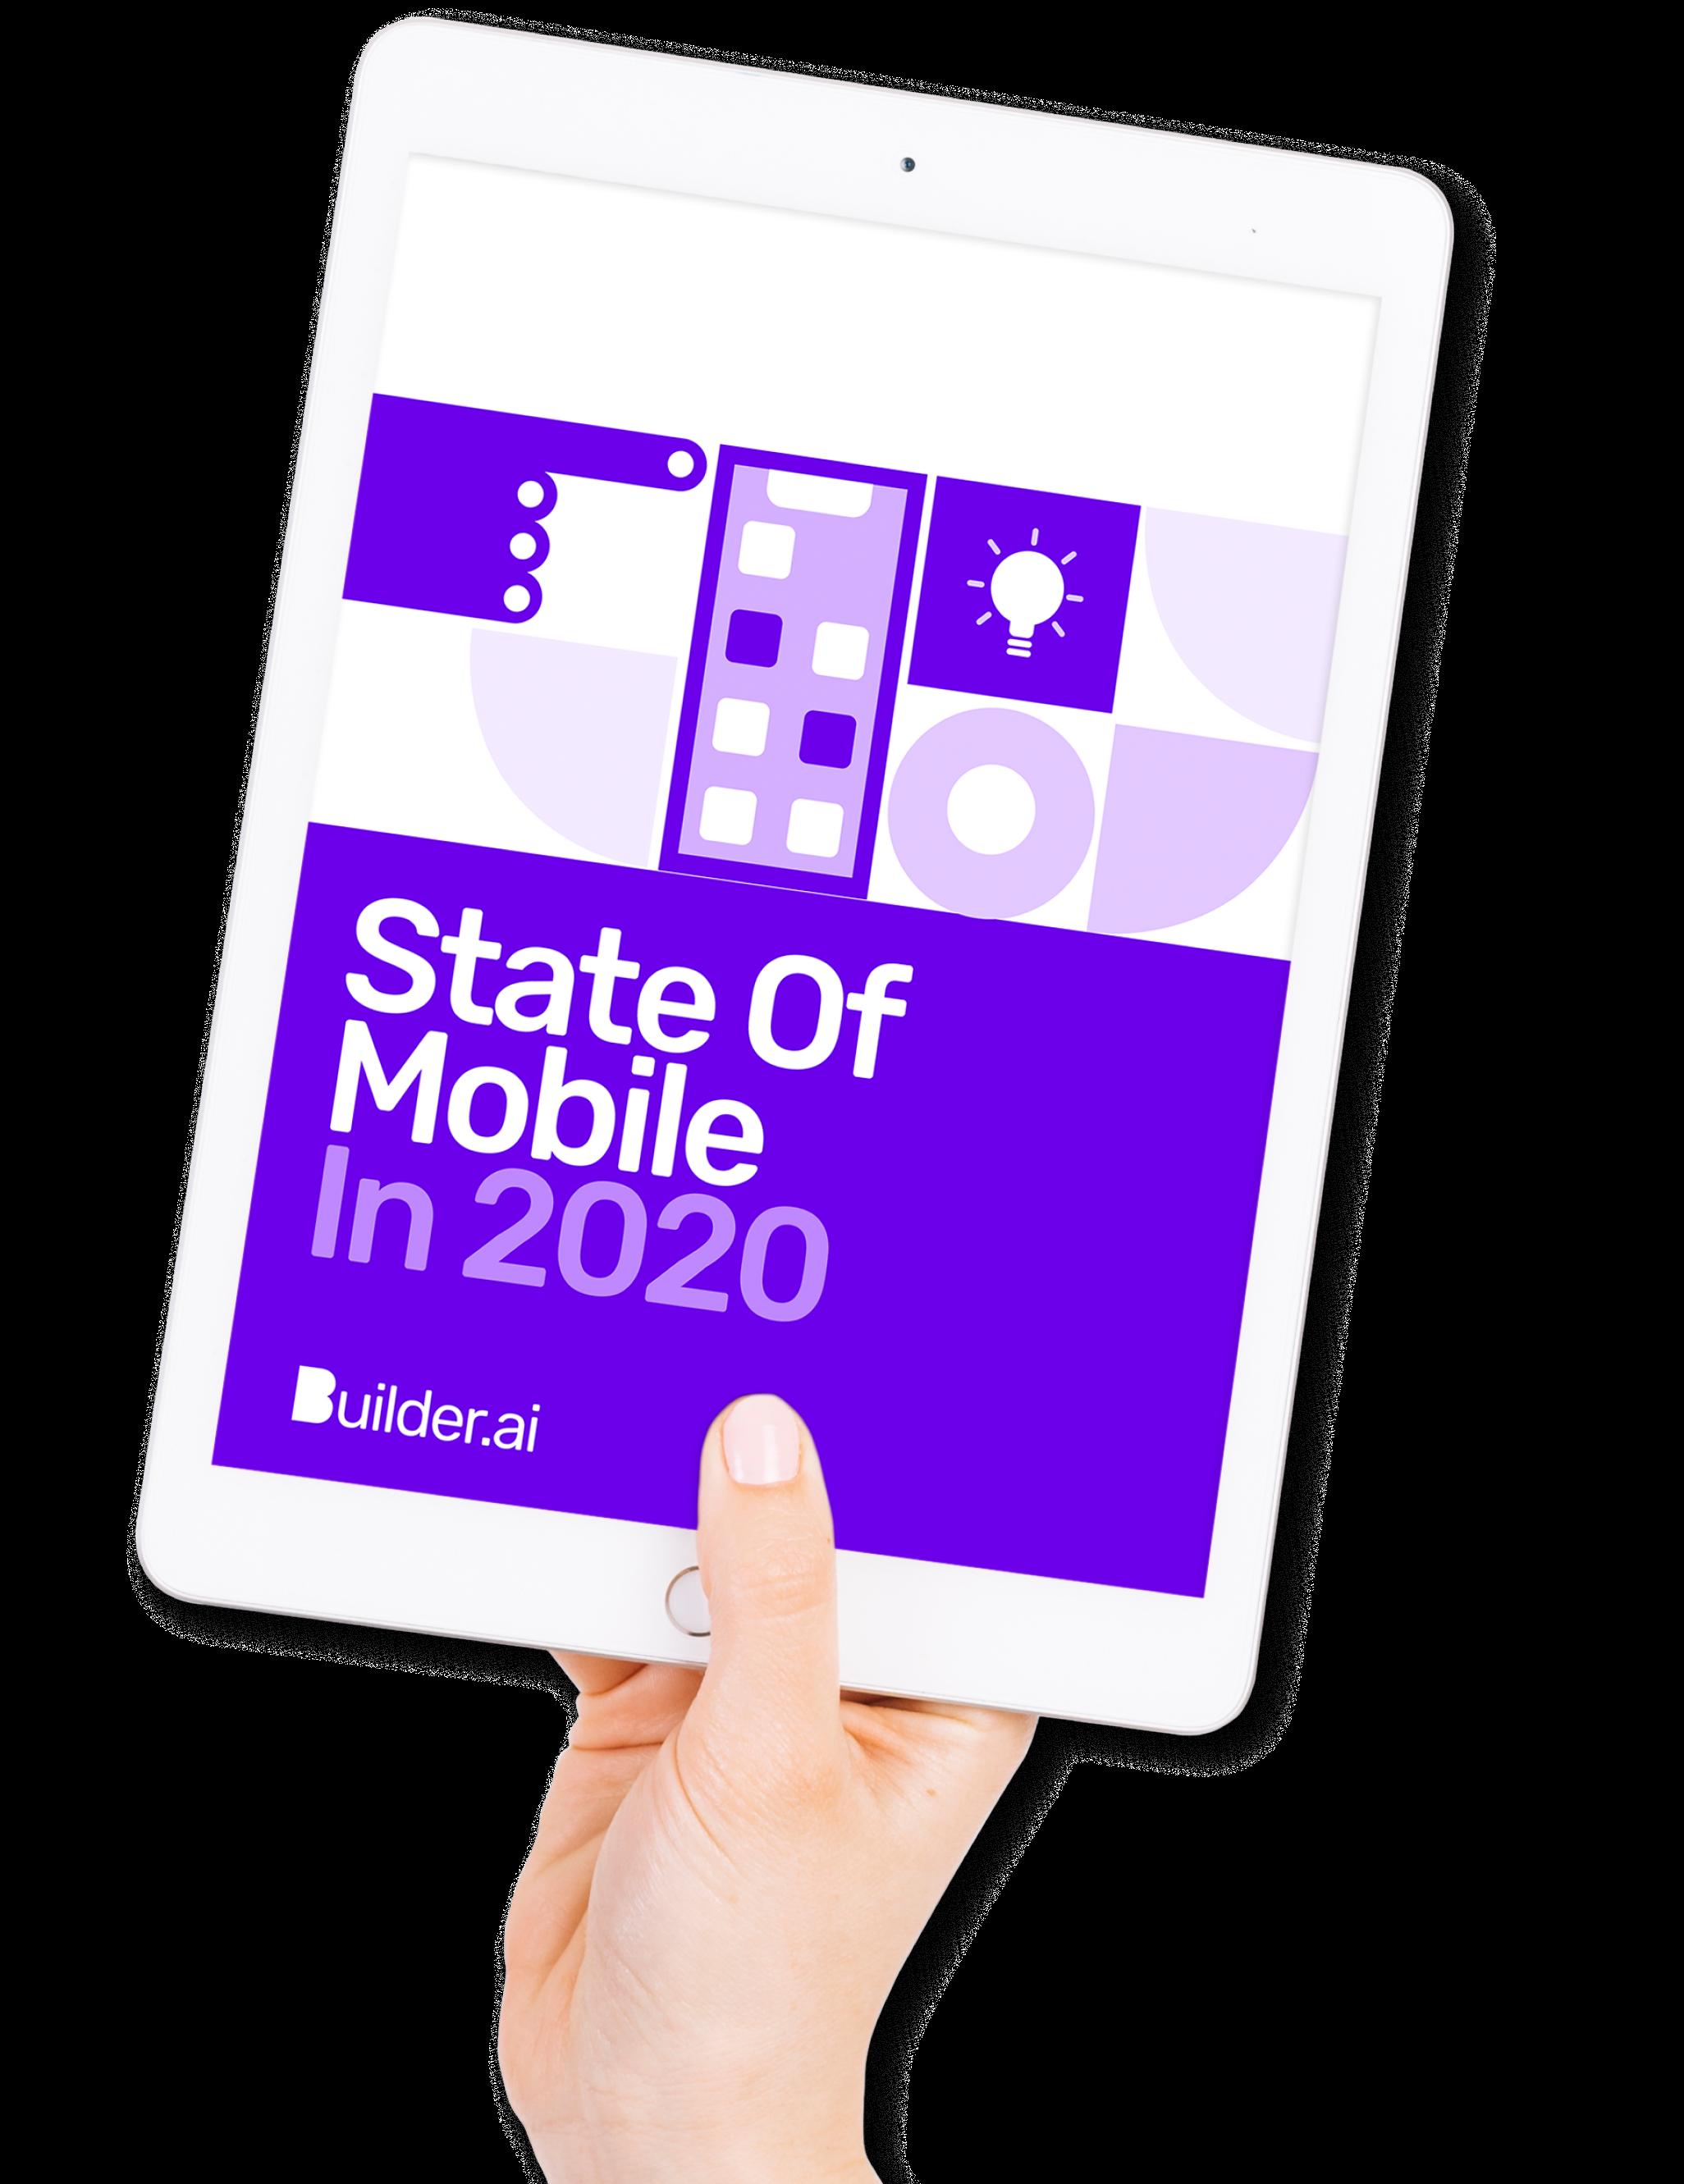 State of mobile 2020 e-book